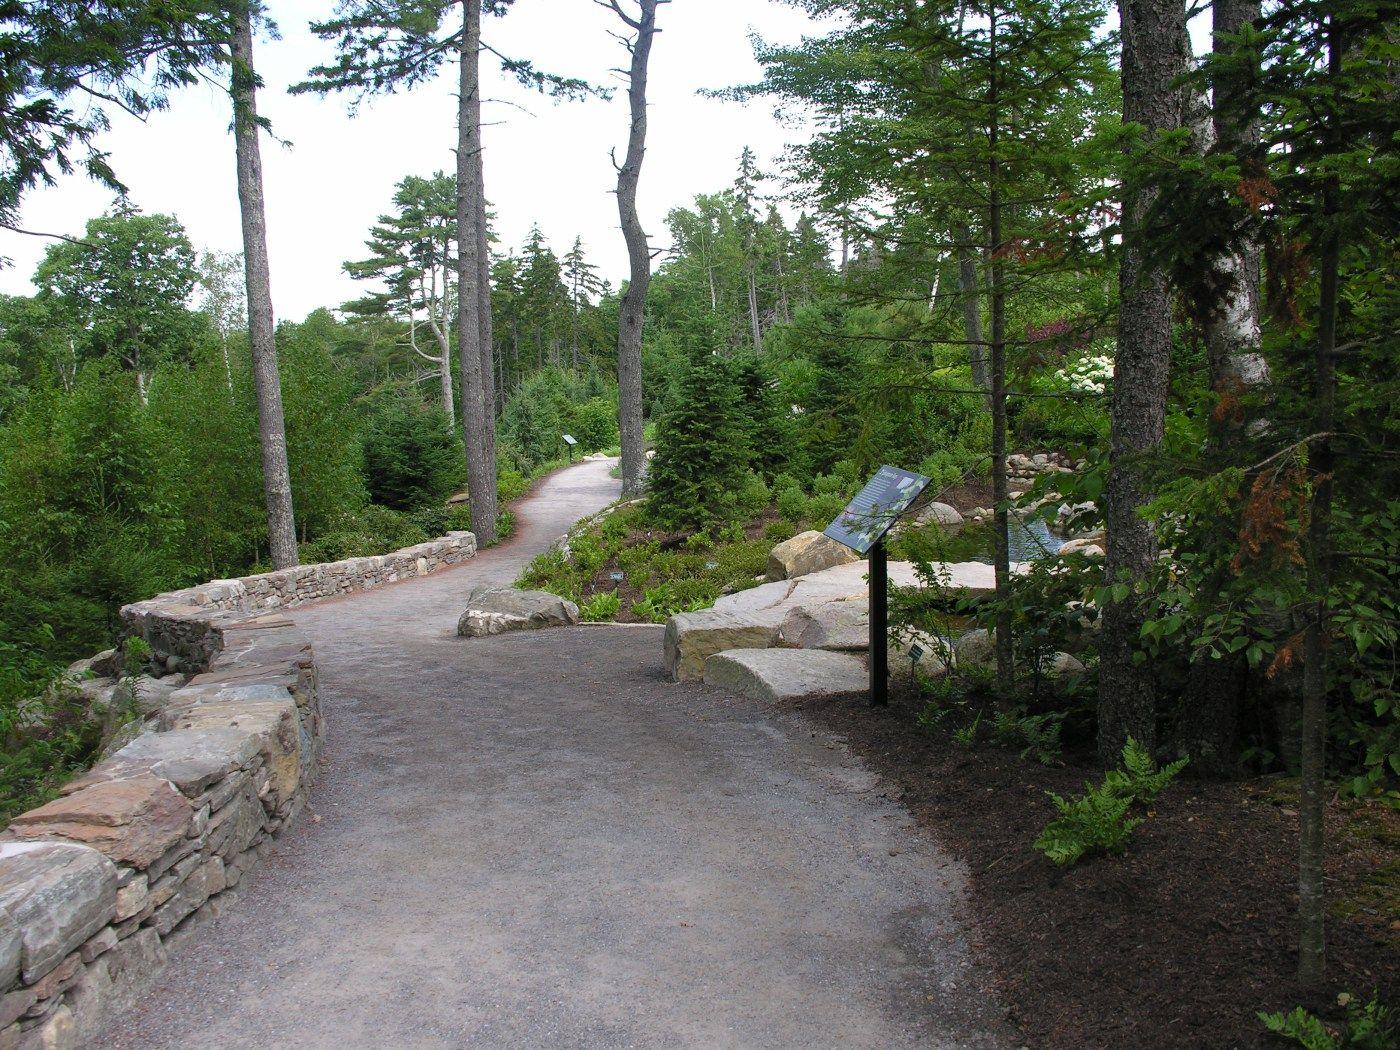 5f8703527d6a5f86cec337a58b9da74d - Coastal Maine Botanical Gardens Maine Days